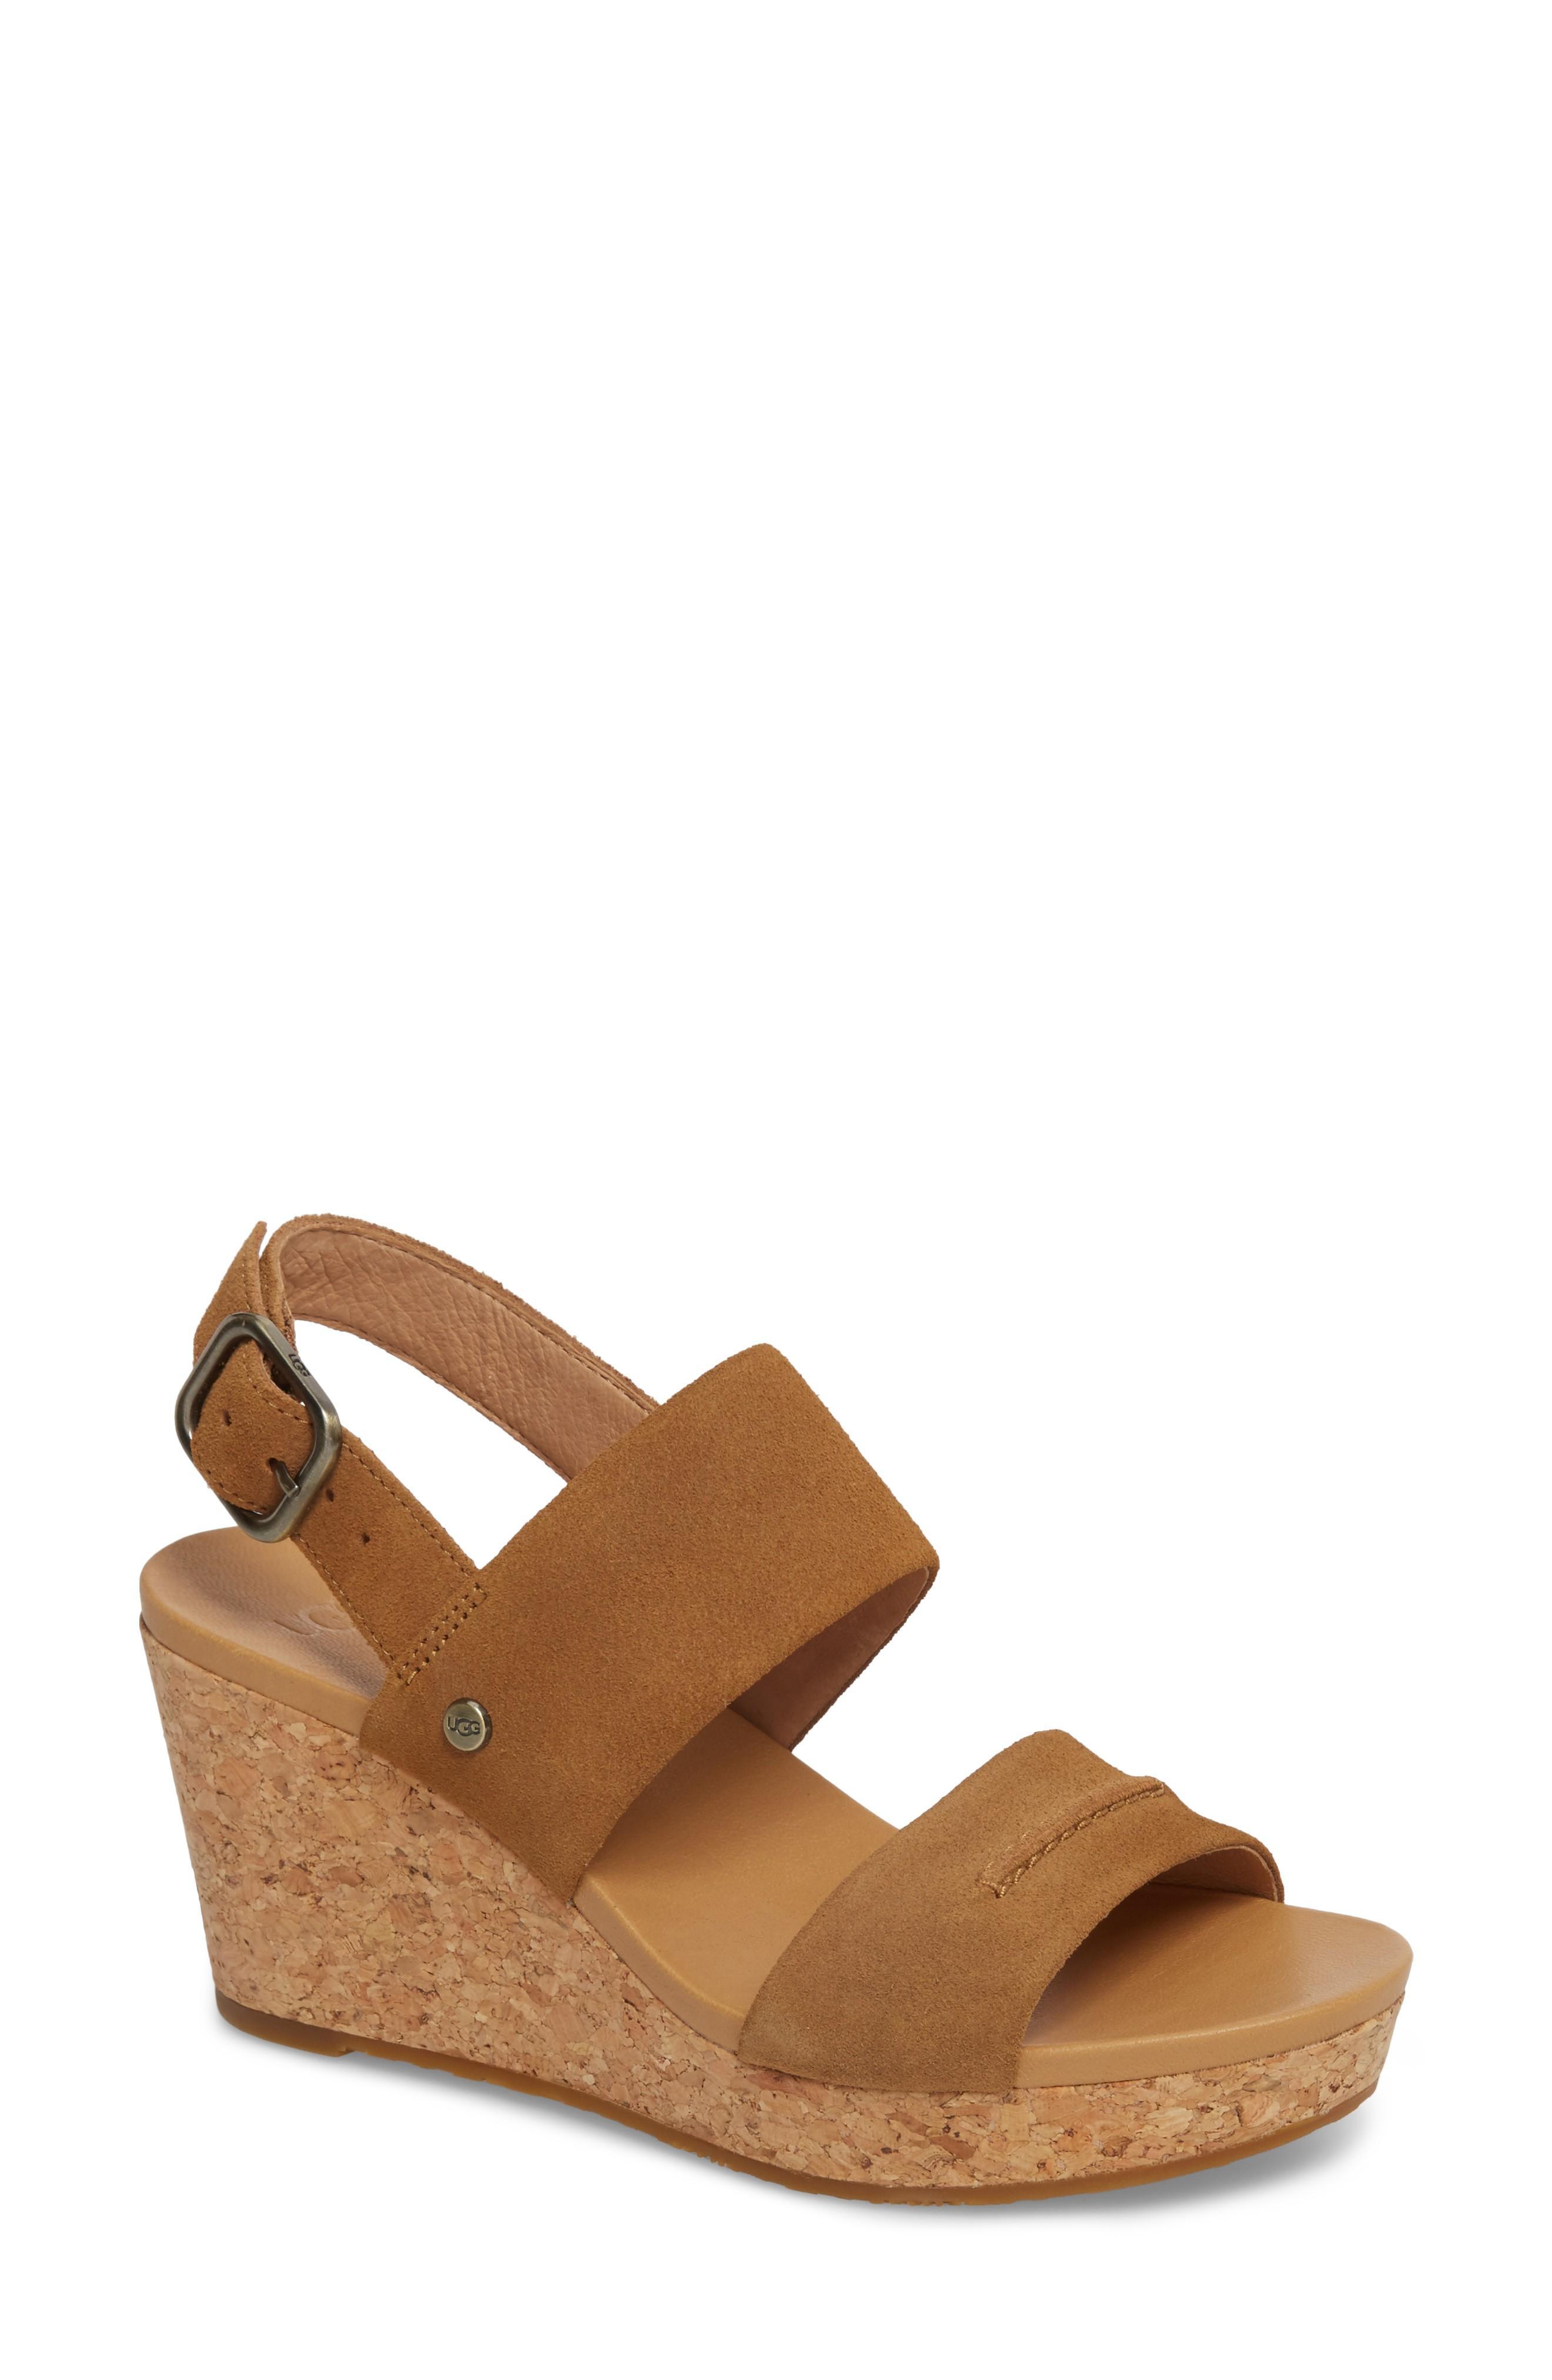 0b1414ad538 Ugg Elena Ii Platform Wedge Sandal in Chestnut Suede